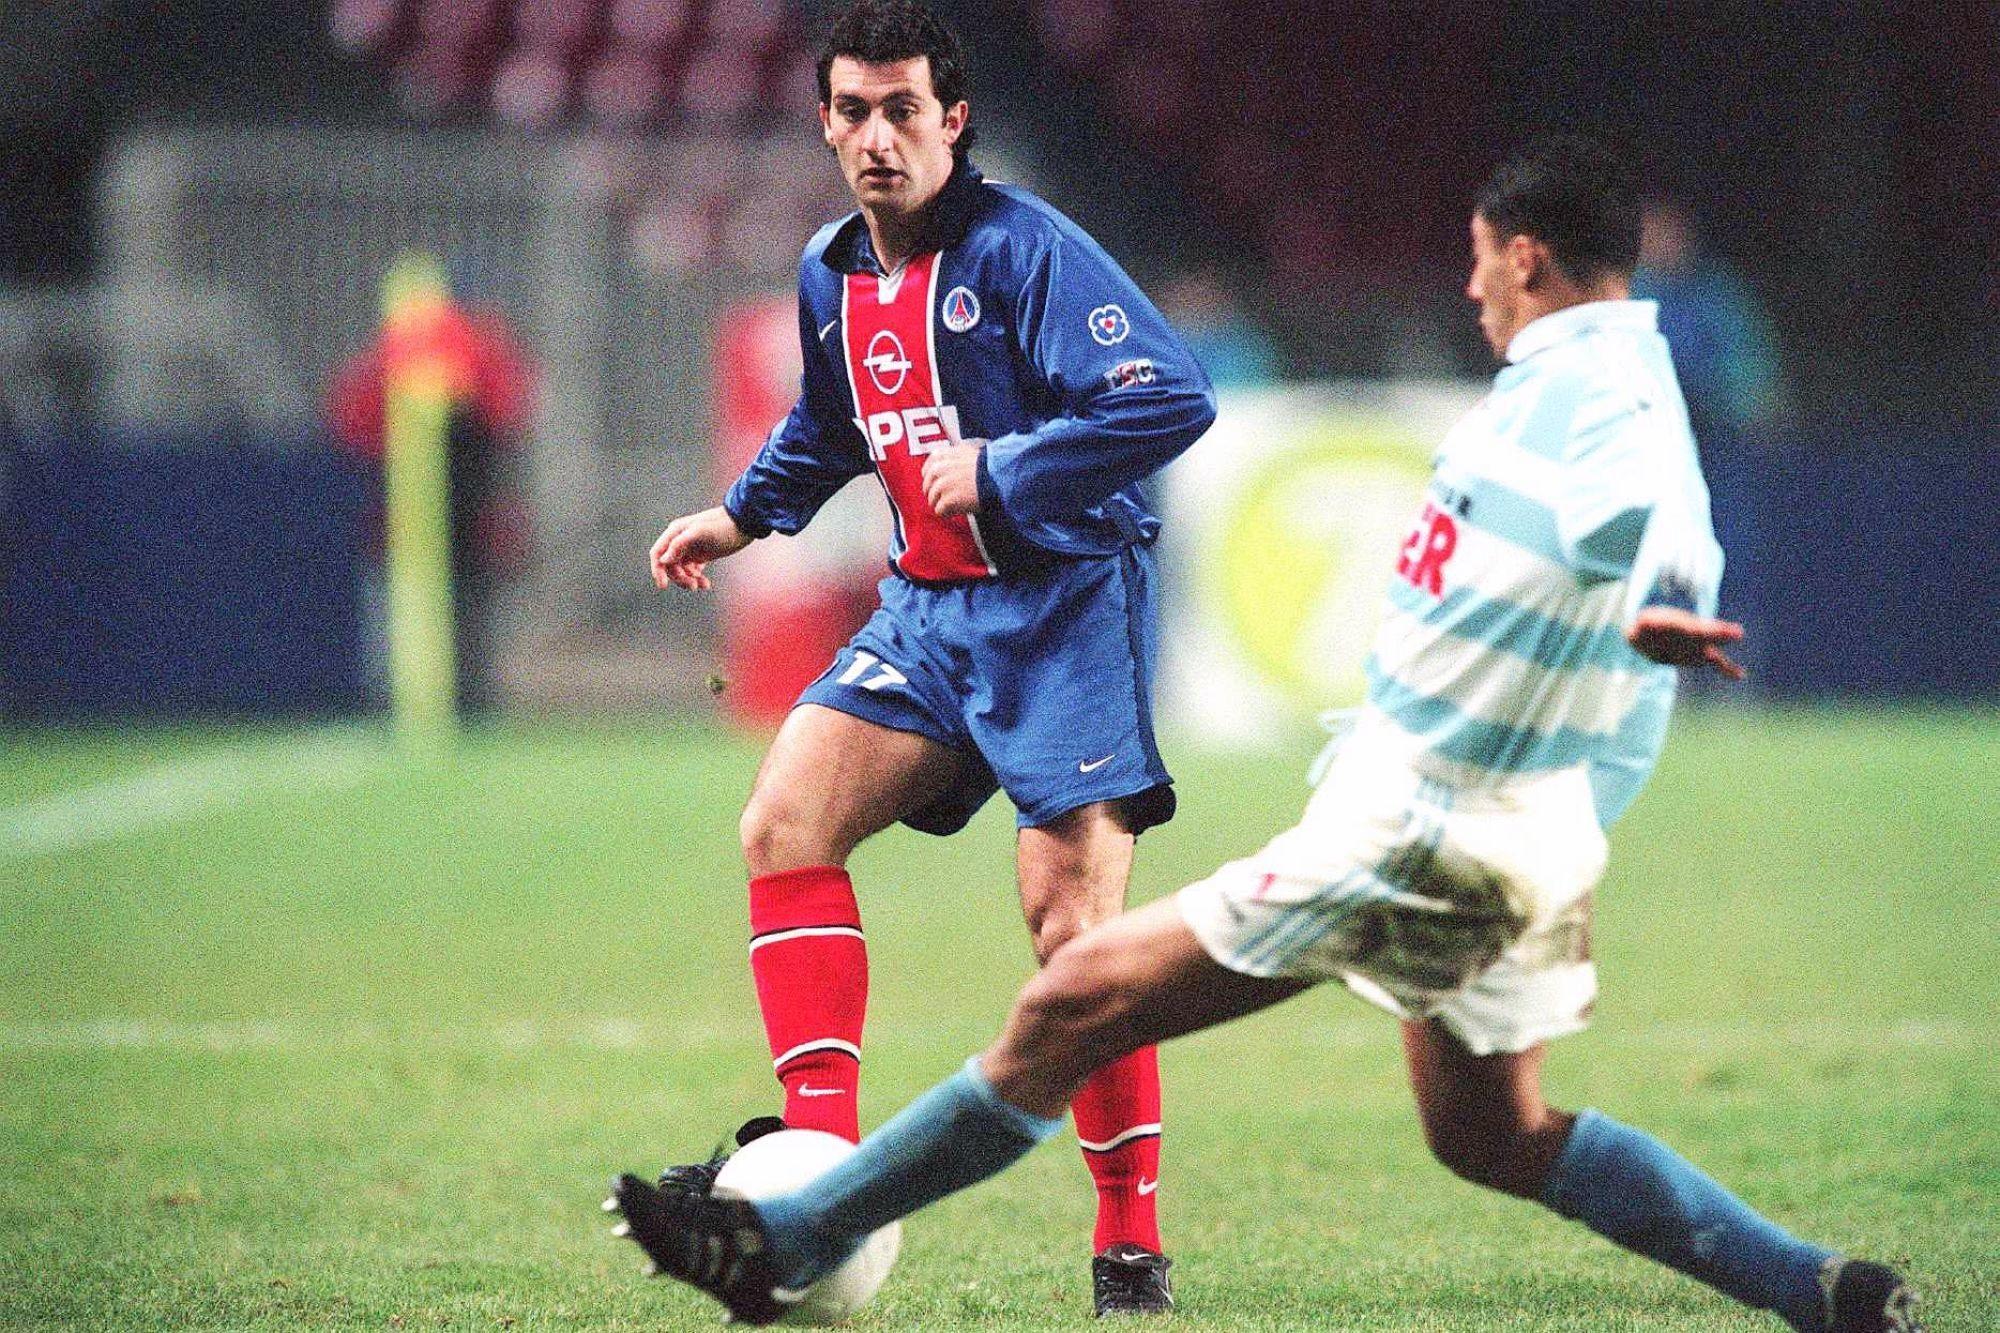 """Algerino trouve Meunier """"plus complet"""" que Florenzi"""